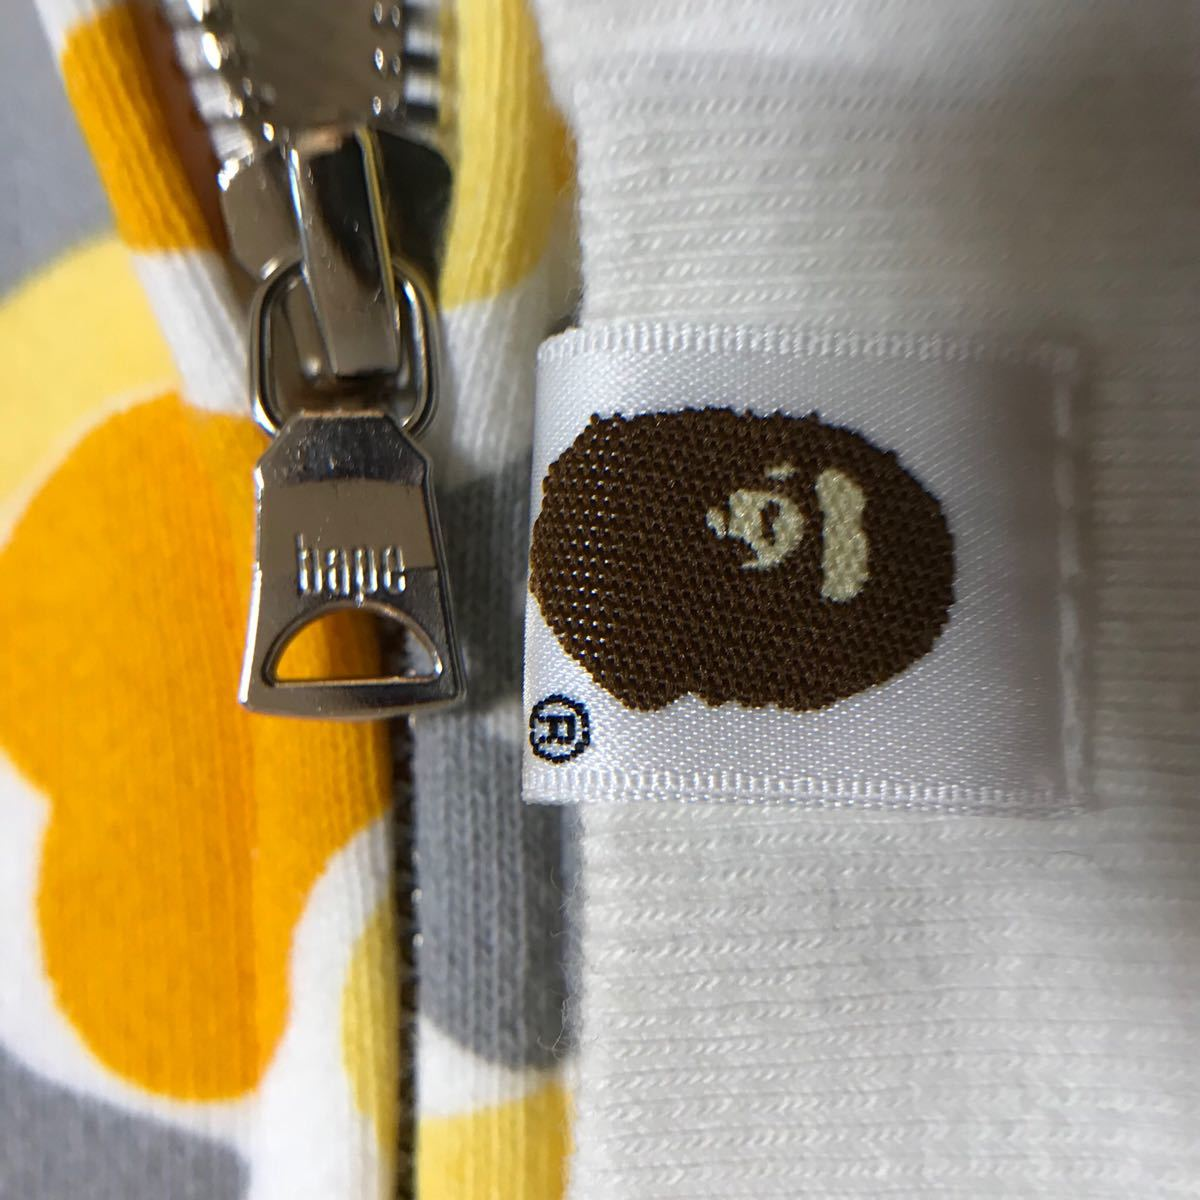 ★松山限定★ matsuyama store limited color camo シャーク パーカー shark full zip hoodie a bathing ape BAPE city ベイプ 都市限定